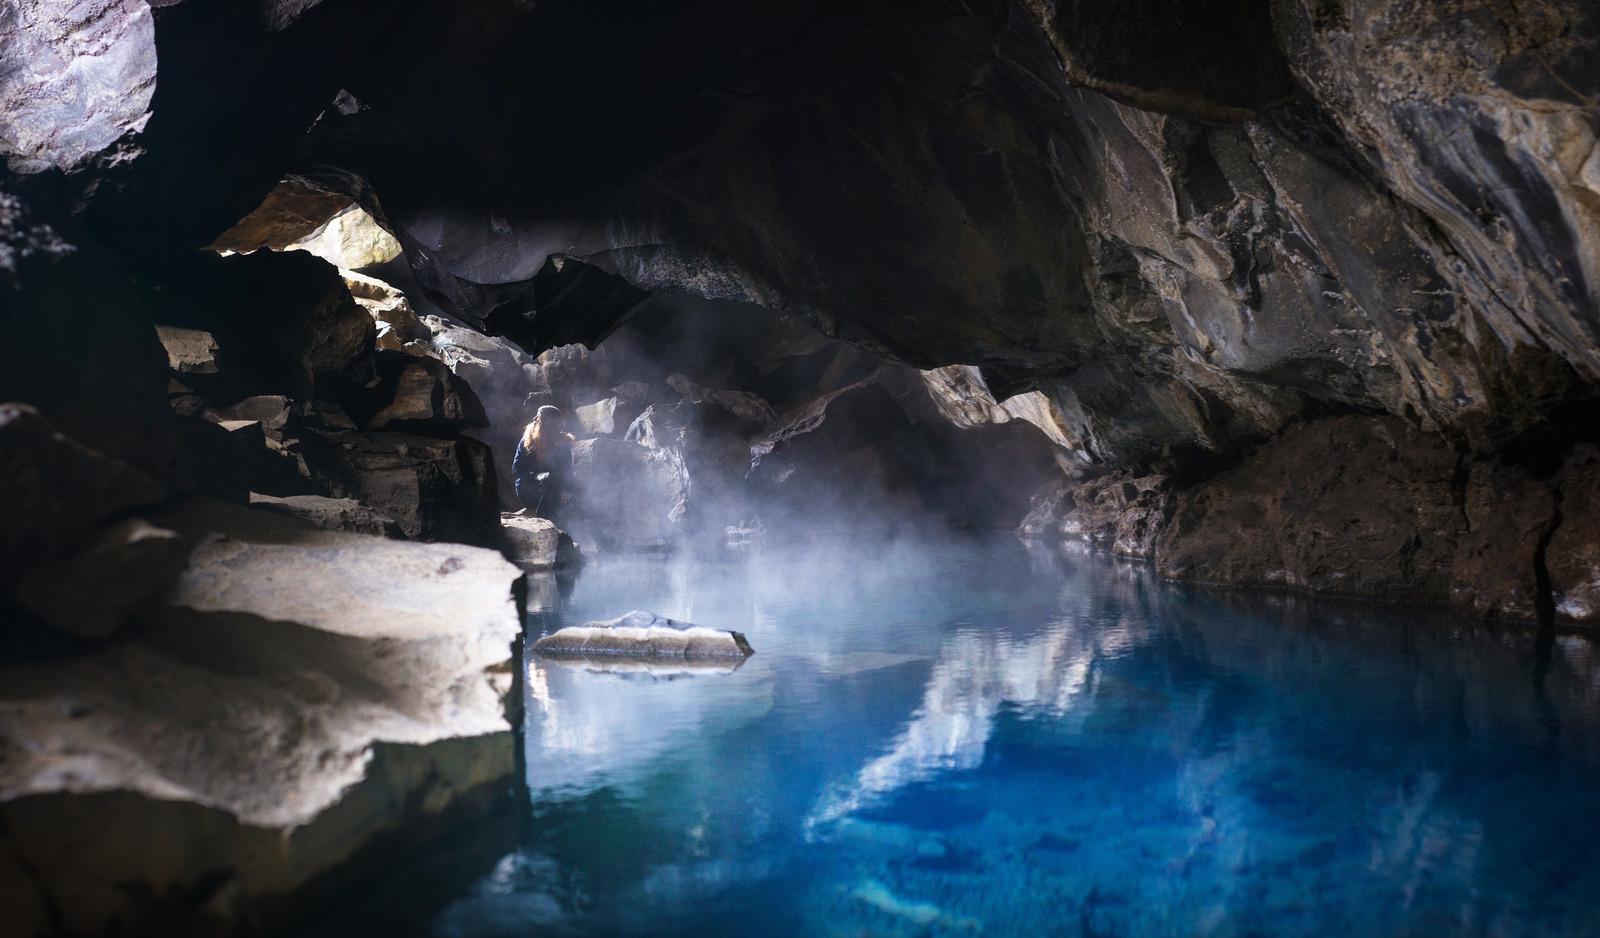 Grjótagjá, grotte en Islande Grjótagjá